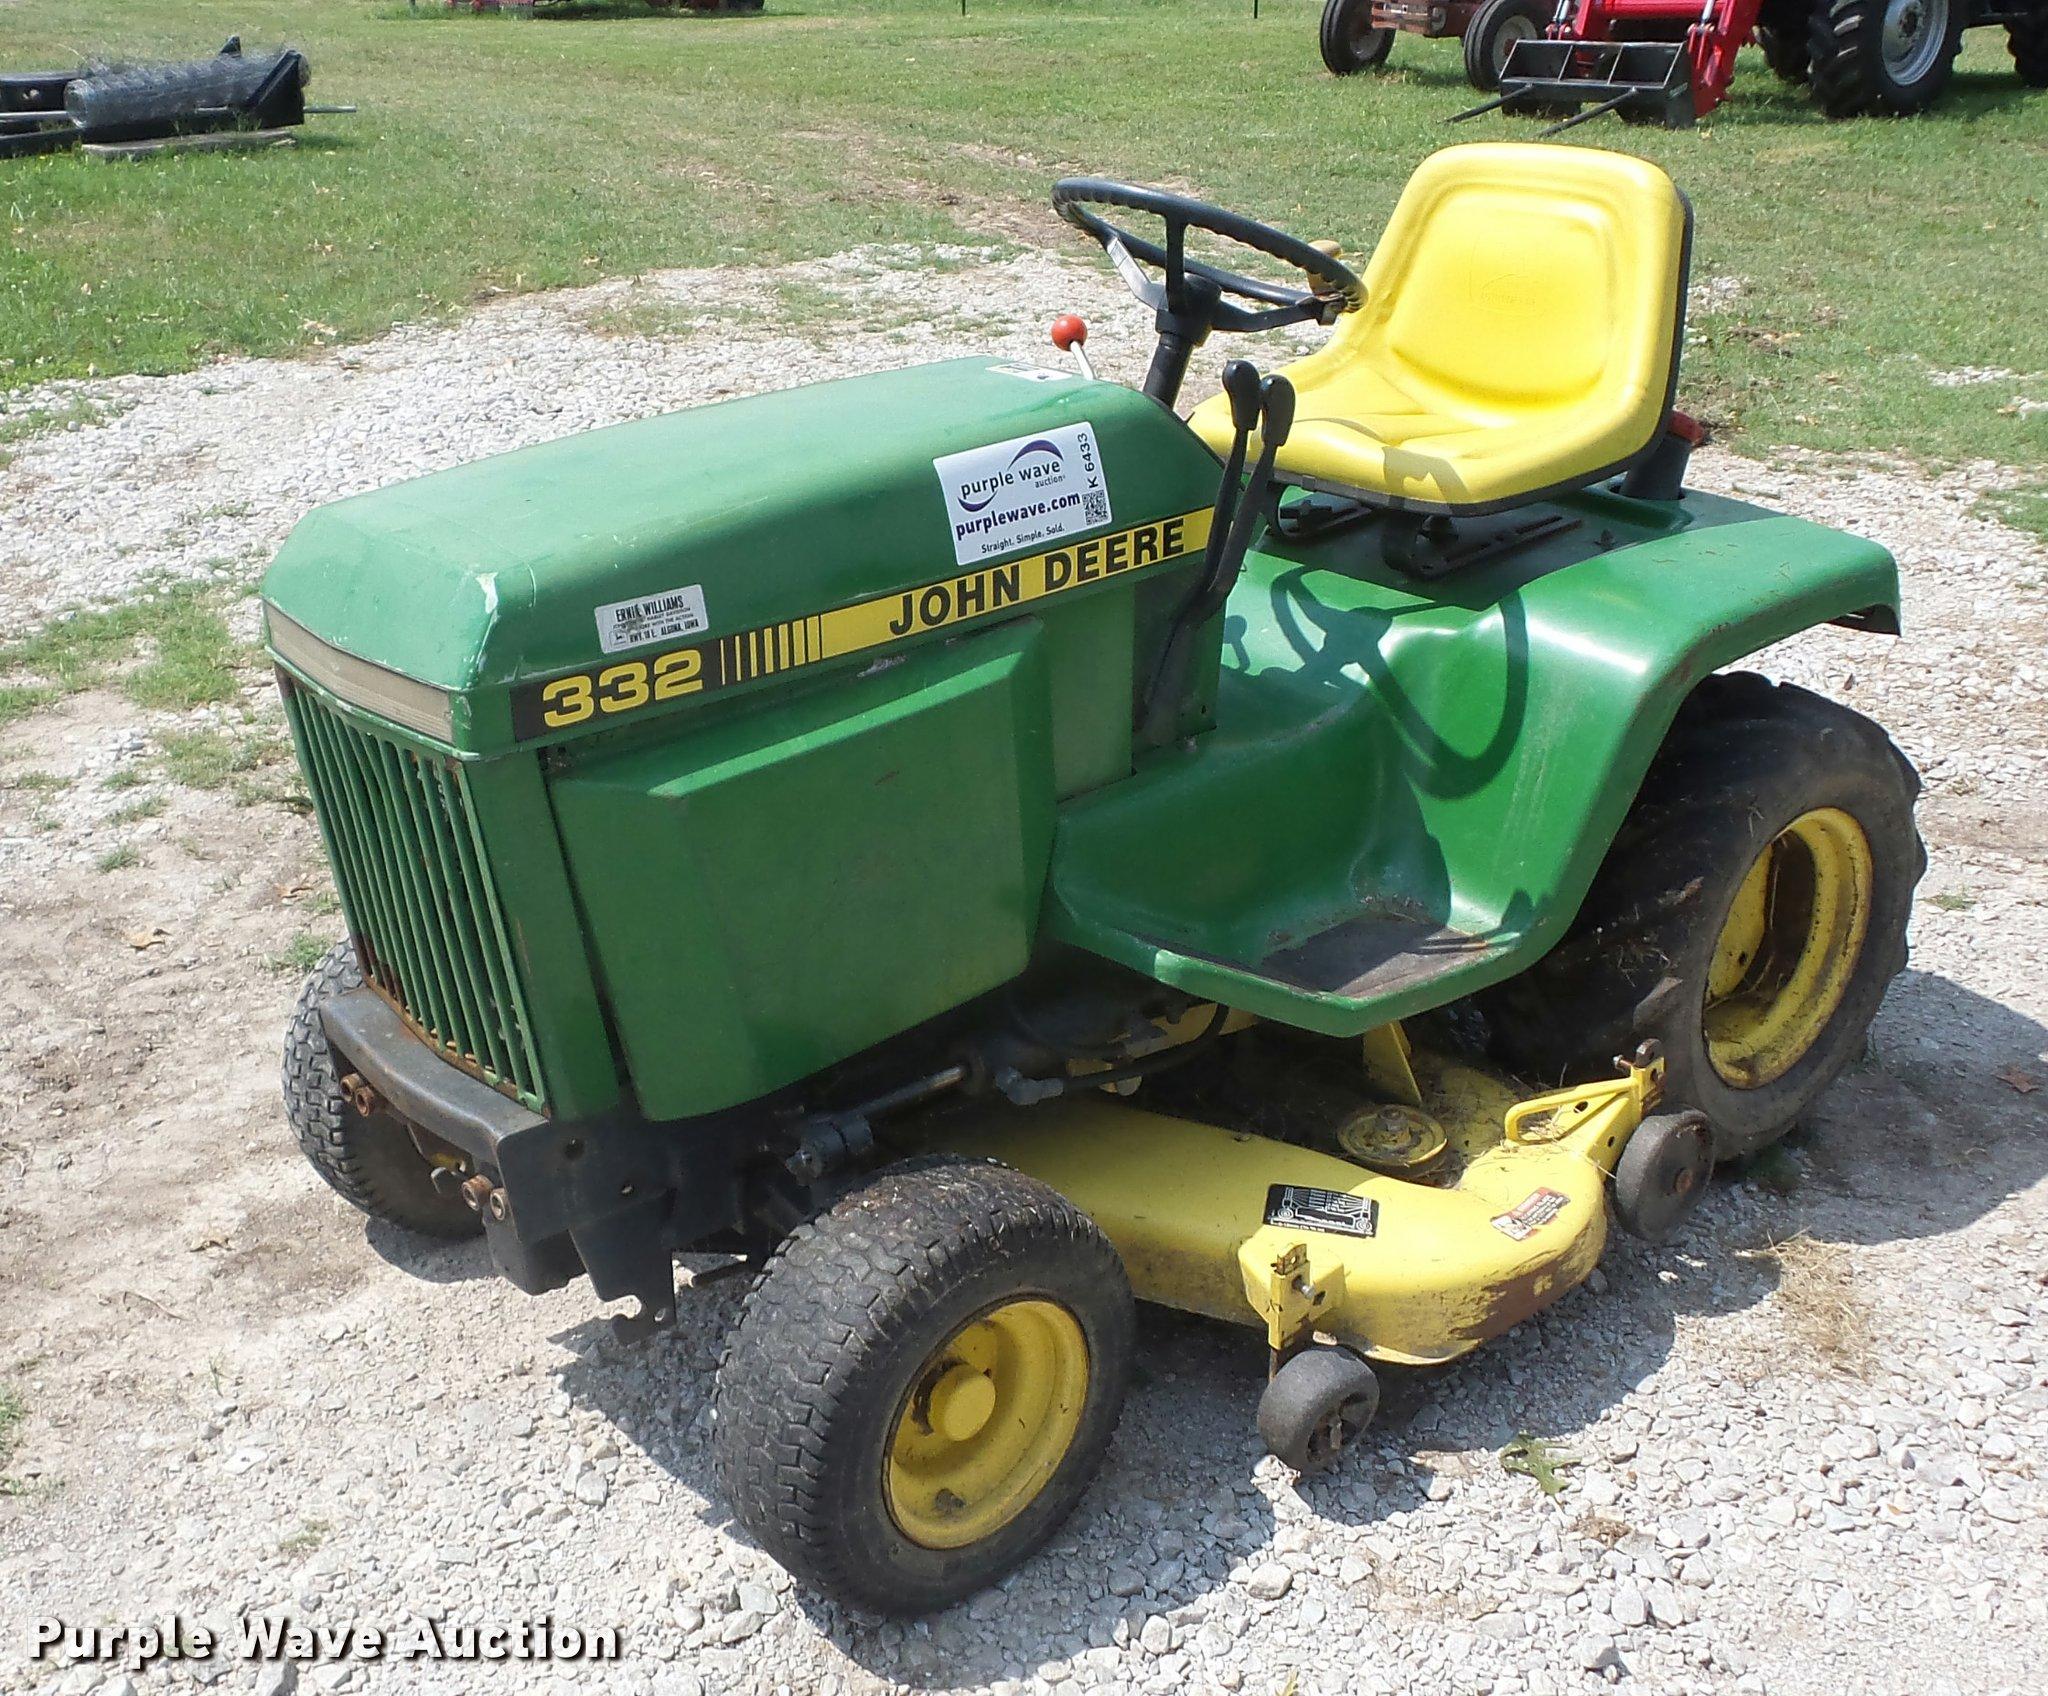 John Deere 332 >> John Deere 332 Lawn Mower Item K6433 Sold August 30 Veh